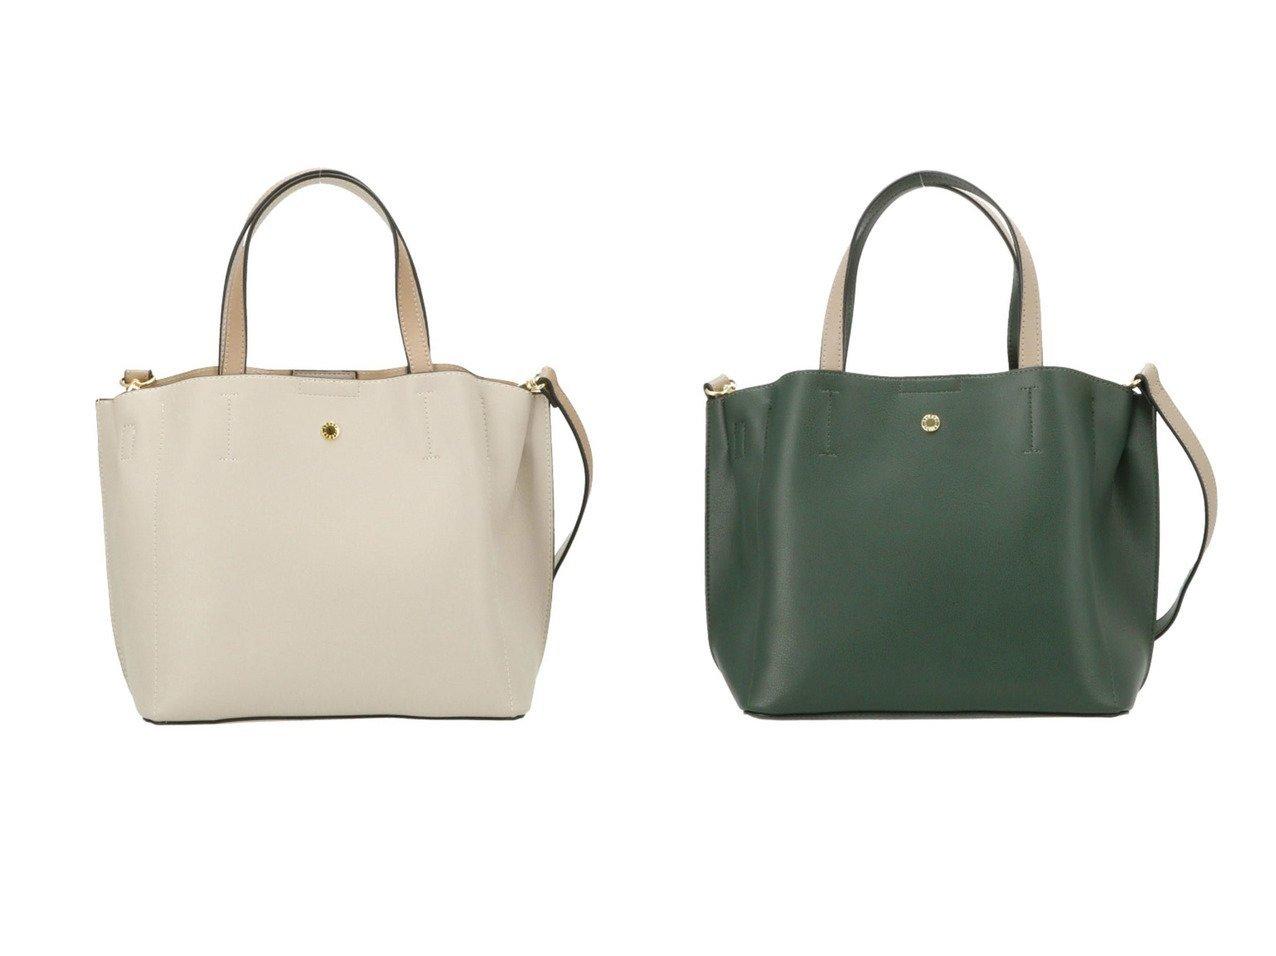 【Legato Largo/レガートラルゴ】のLegato Largo 軽量ボンディングPU 2WAYトートバッグ LH-P0002 バッグ・鞄のおすすめ!人気、トレンド・レディースファッションの通販  おすすめで人気の流行・トレンド、ファッションの通販商品 メンズファッション・キッズファッション・インテリア・家具・レディースファッション・服の通販 founy(ファニー) https://founy.com/ ファッション Fashion レディースファッション WOMEN バッグ Bag カメラ 傘 軽量 ショルダー シンプル スエード スマート 財布 手帳 フェイクレザー フォルム フォーマル ボンディング マグネット 無地 |ID:crp329100000015646